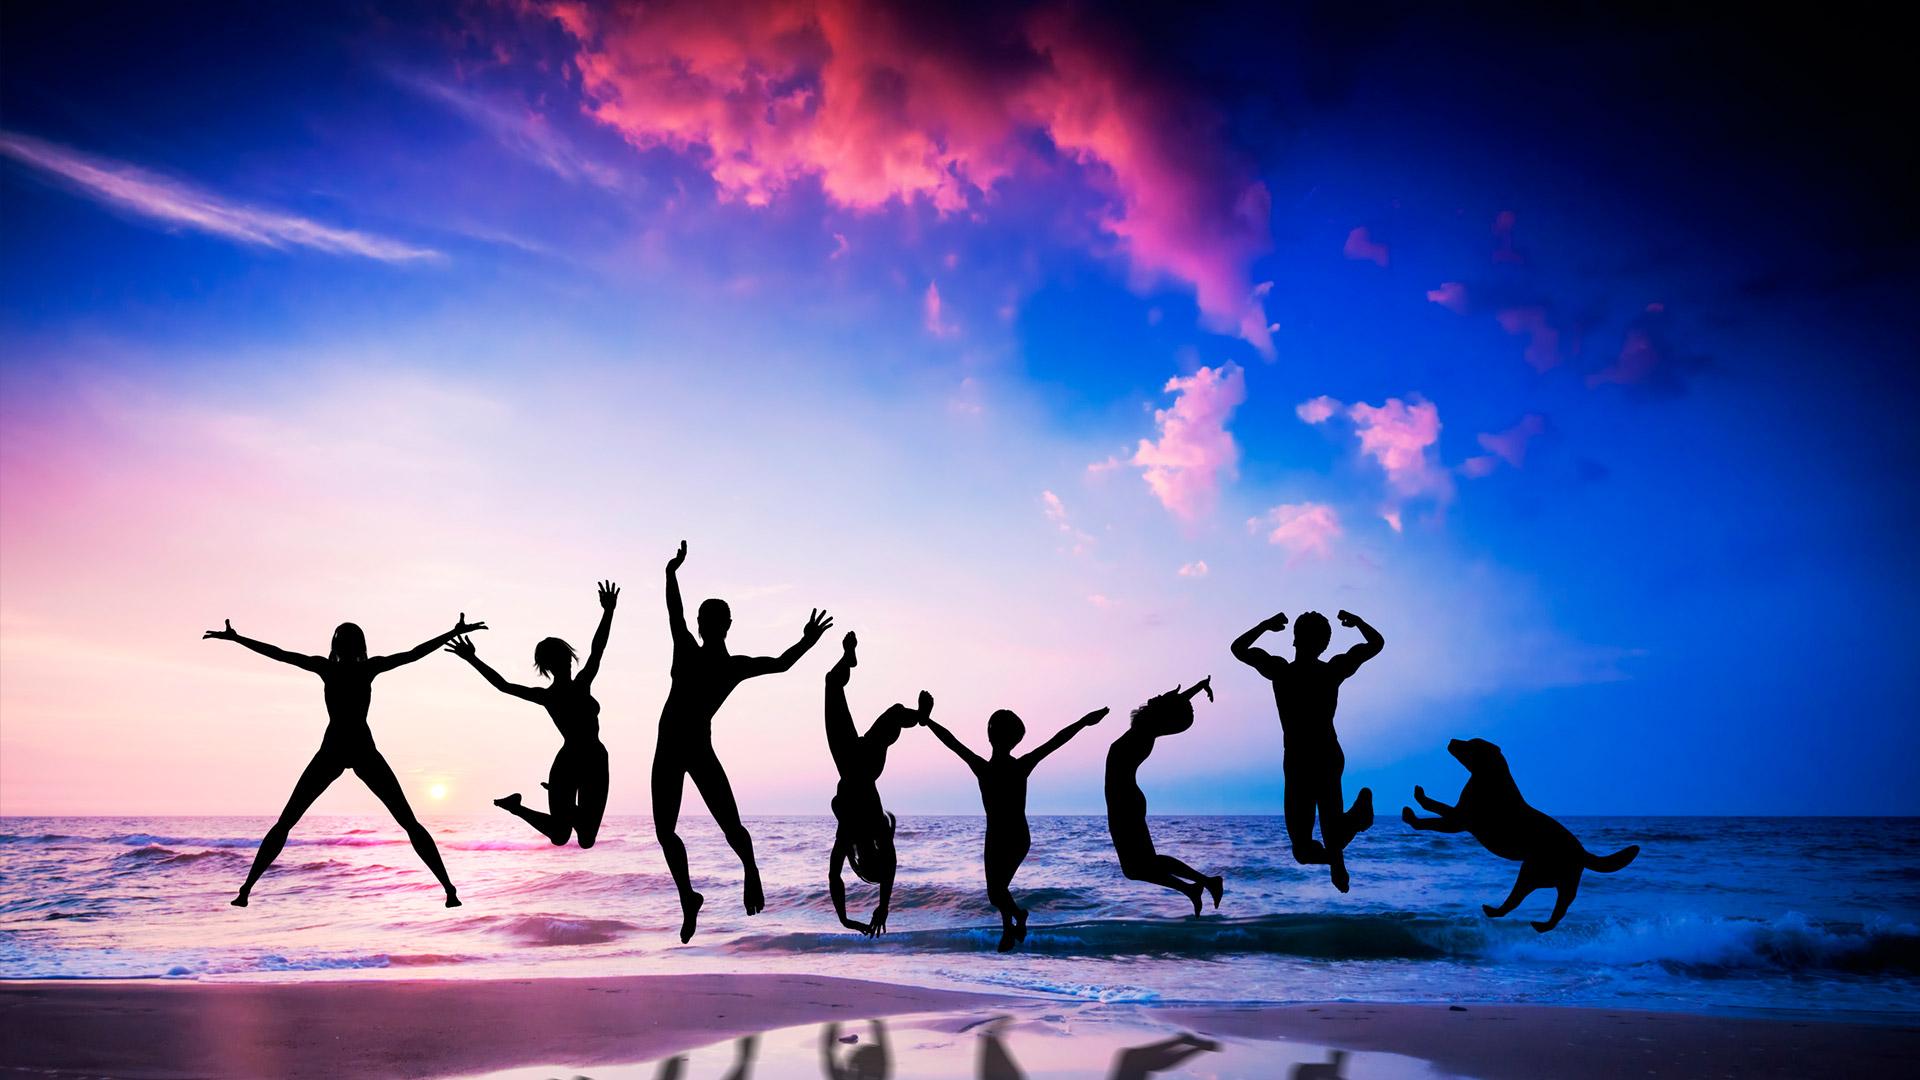 fitness, salute, benessere, movimento, psicologia, psicologia motivazionale, motivazione, stress, ansia, depressione, divertimento